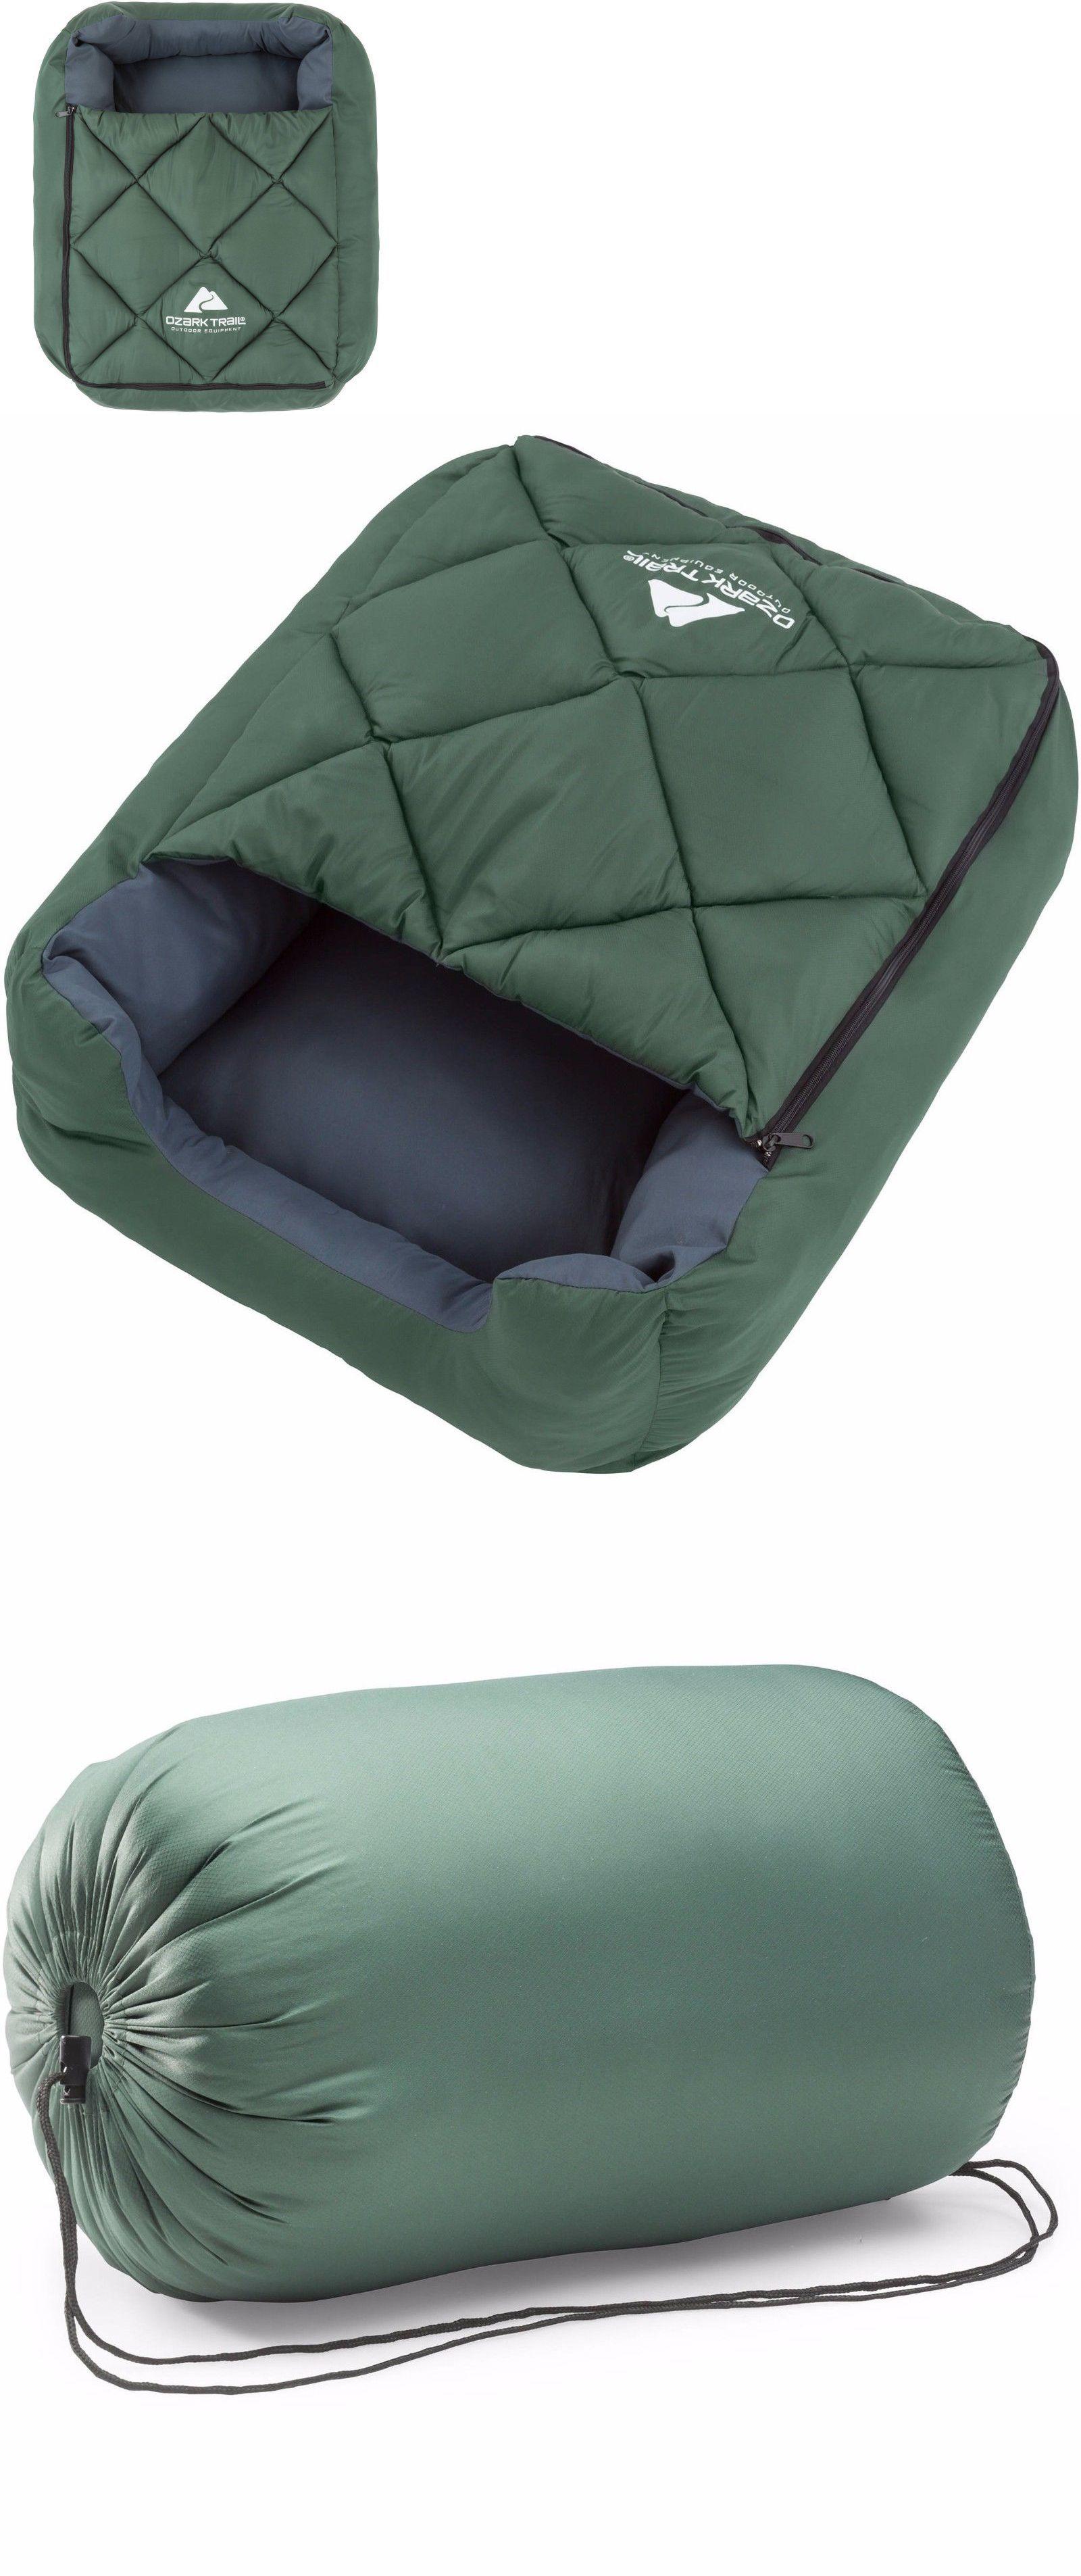 Beds 20744 Ozark Trail Dog Sleeping Bag Pet Soft Bed Warm Cushion Pillow Mat Nest